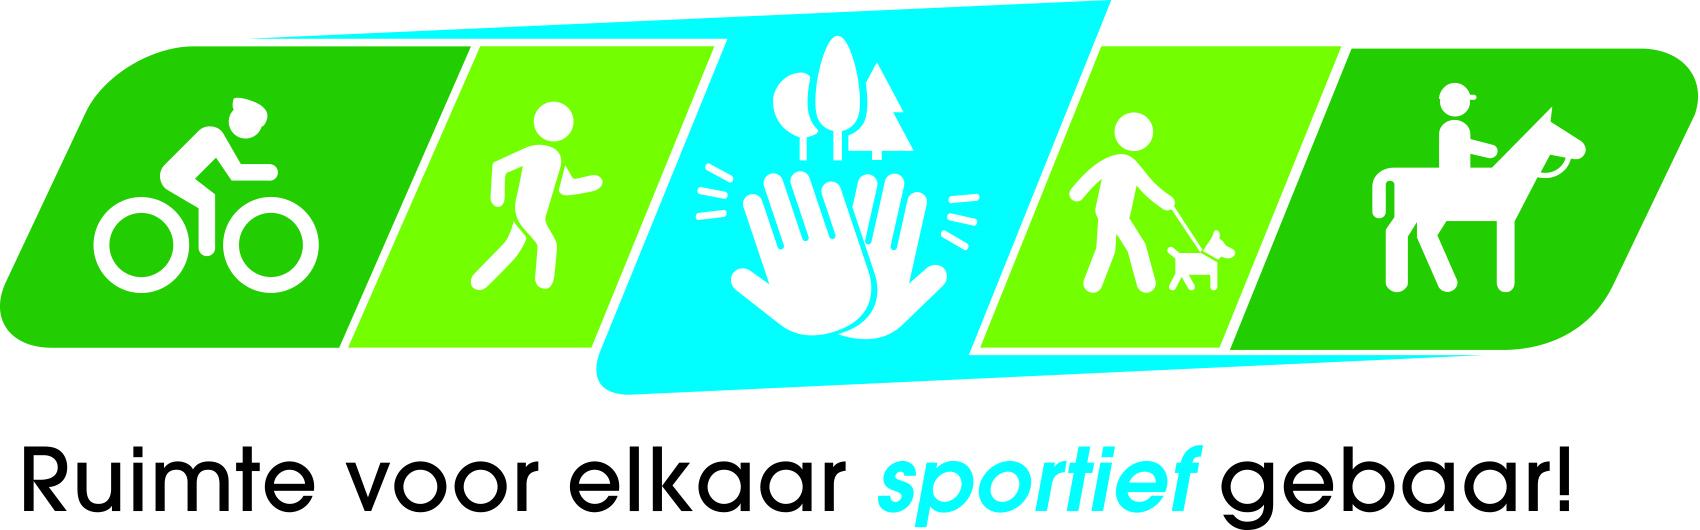 Logo Ruimte voor elkaar